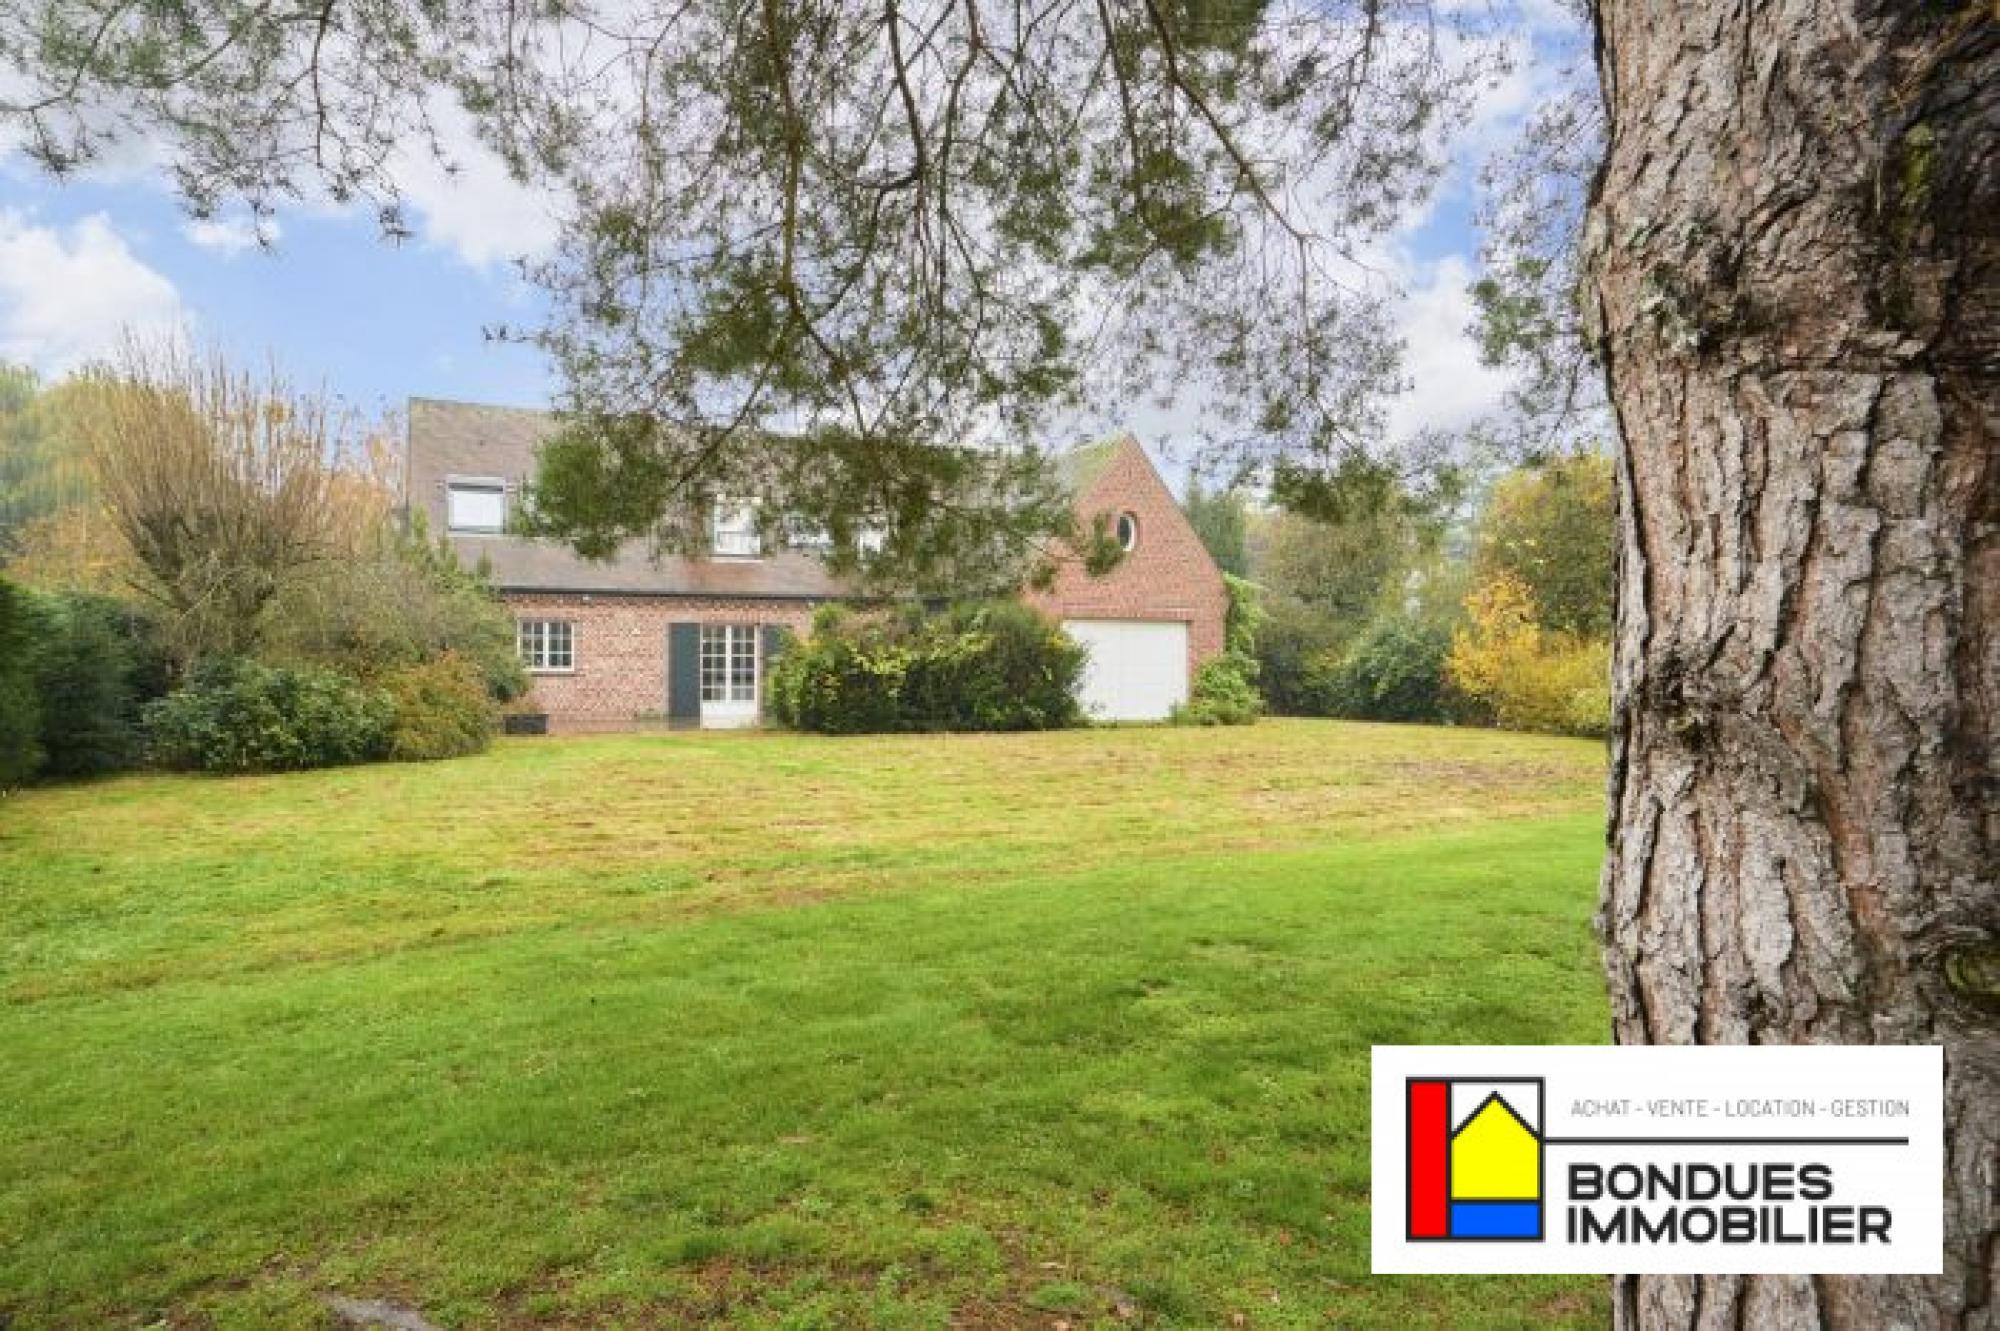 vente maison bondues refVM420 (18)